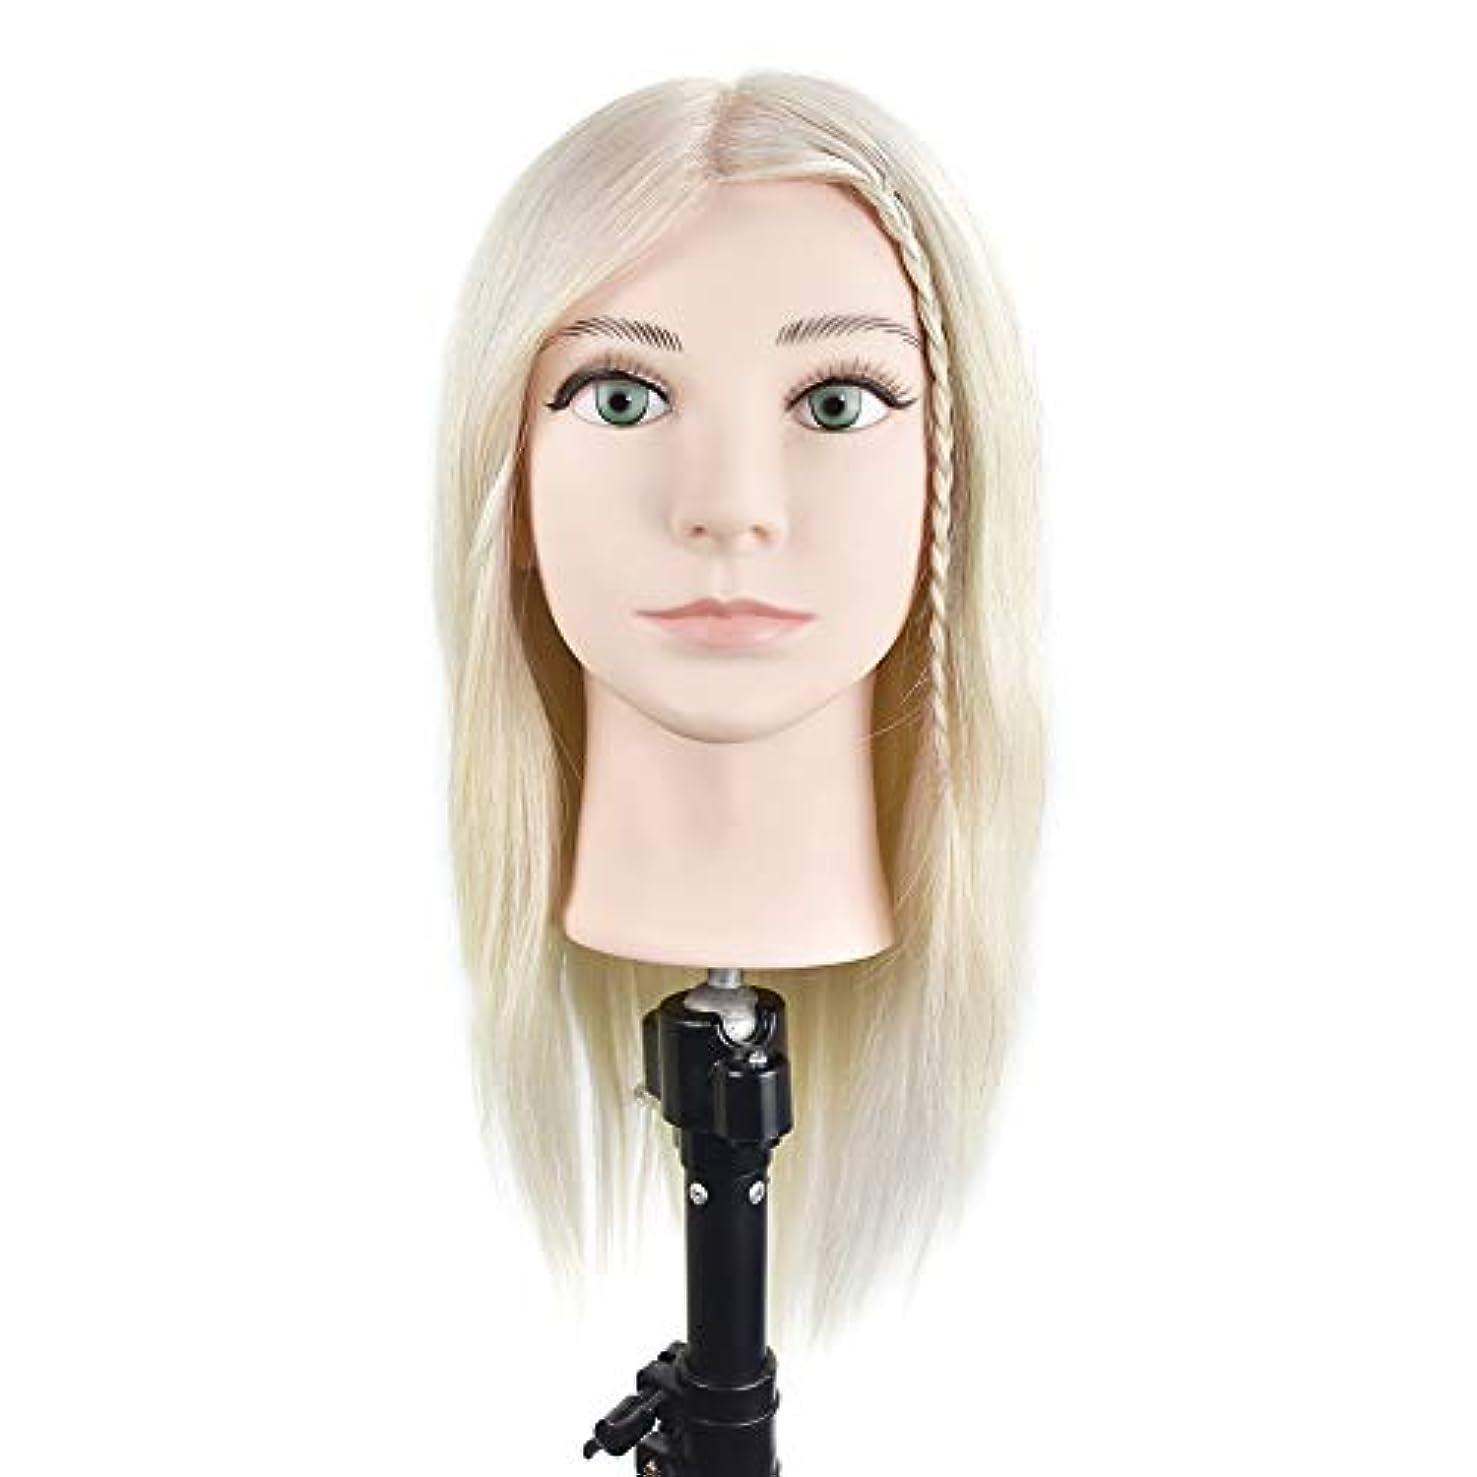 ハント小道具午後専門の練習ホット染色漂白はさみモデリングマネキン髪編組髪かつら女性モデルティーチングヘッド